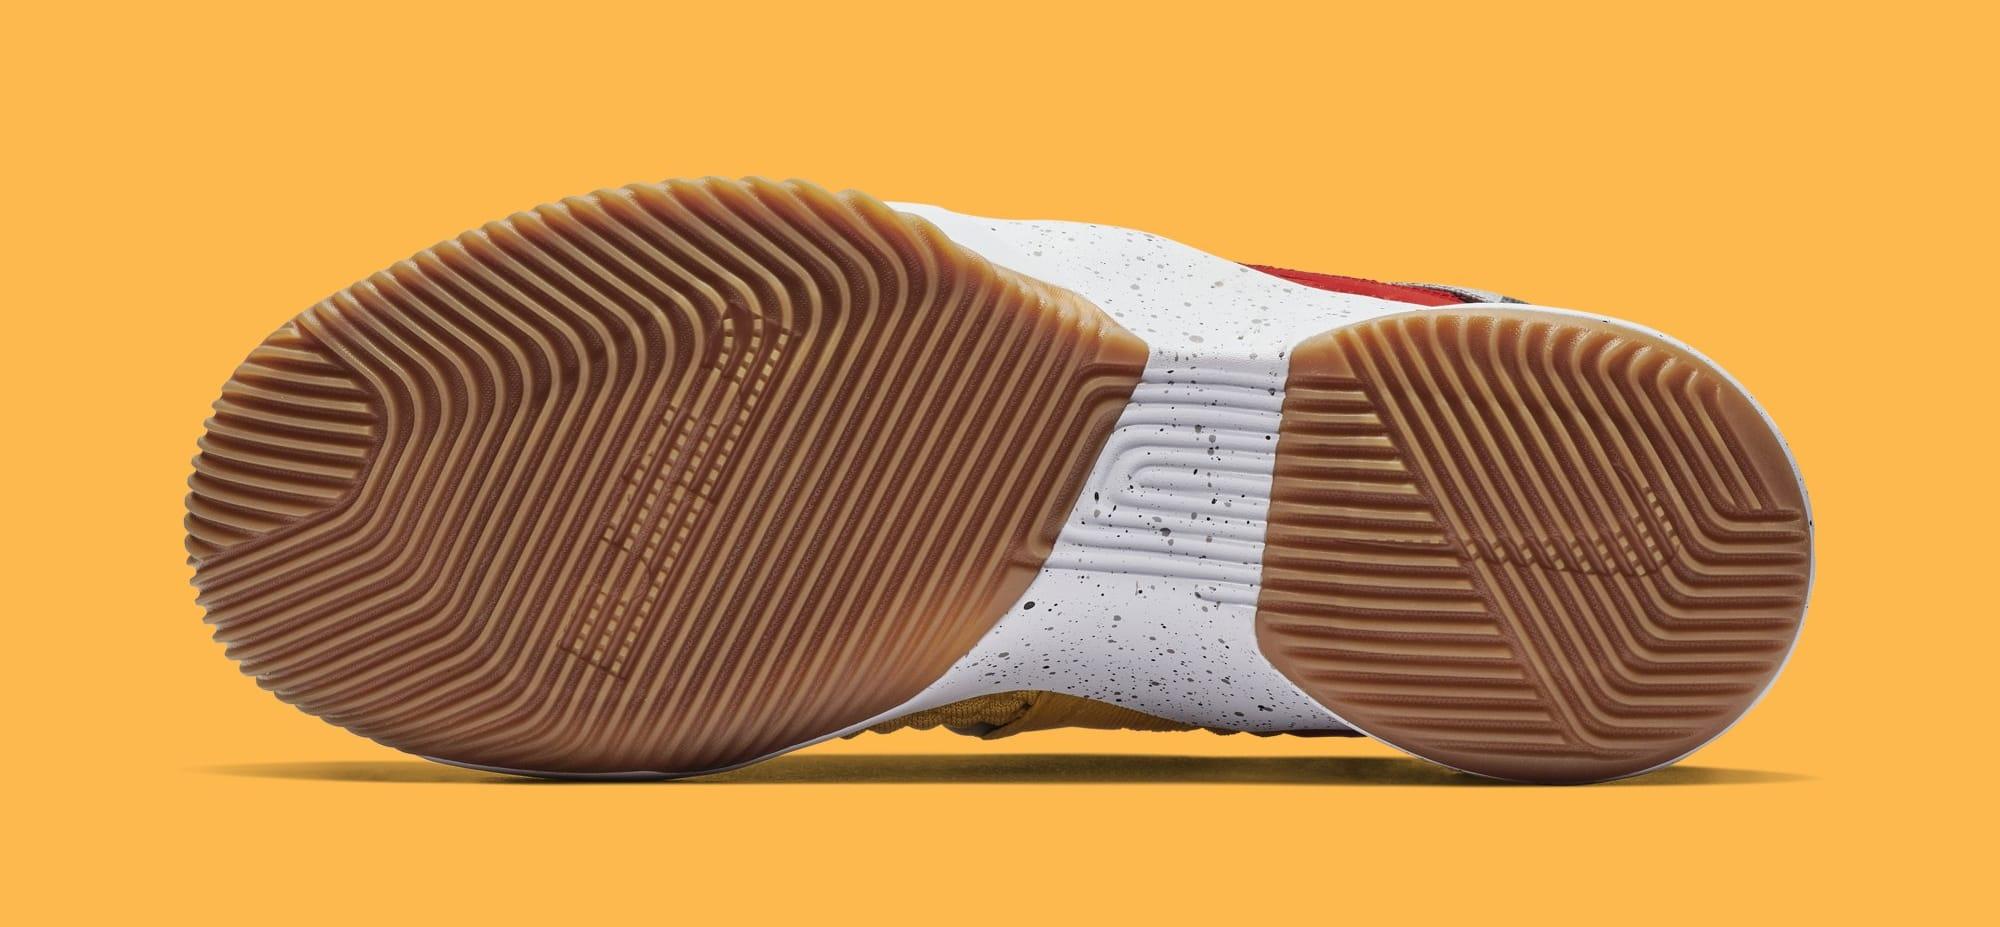 info for 48c87 2a659 Nike LeBron Soldier 12 FlyEase 'Arthur' AV3812-700 Release ...